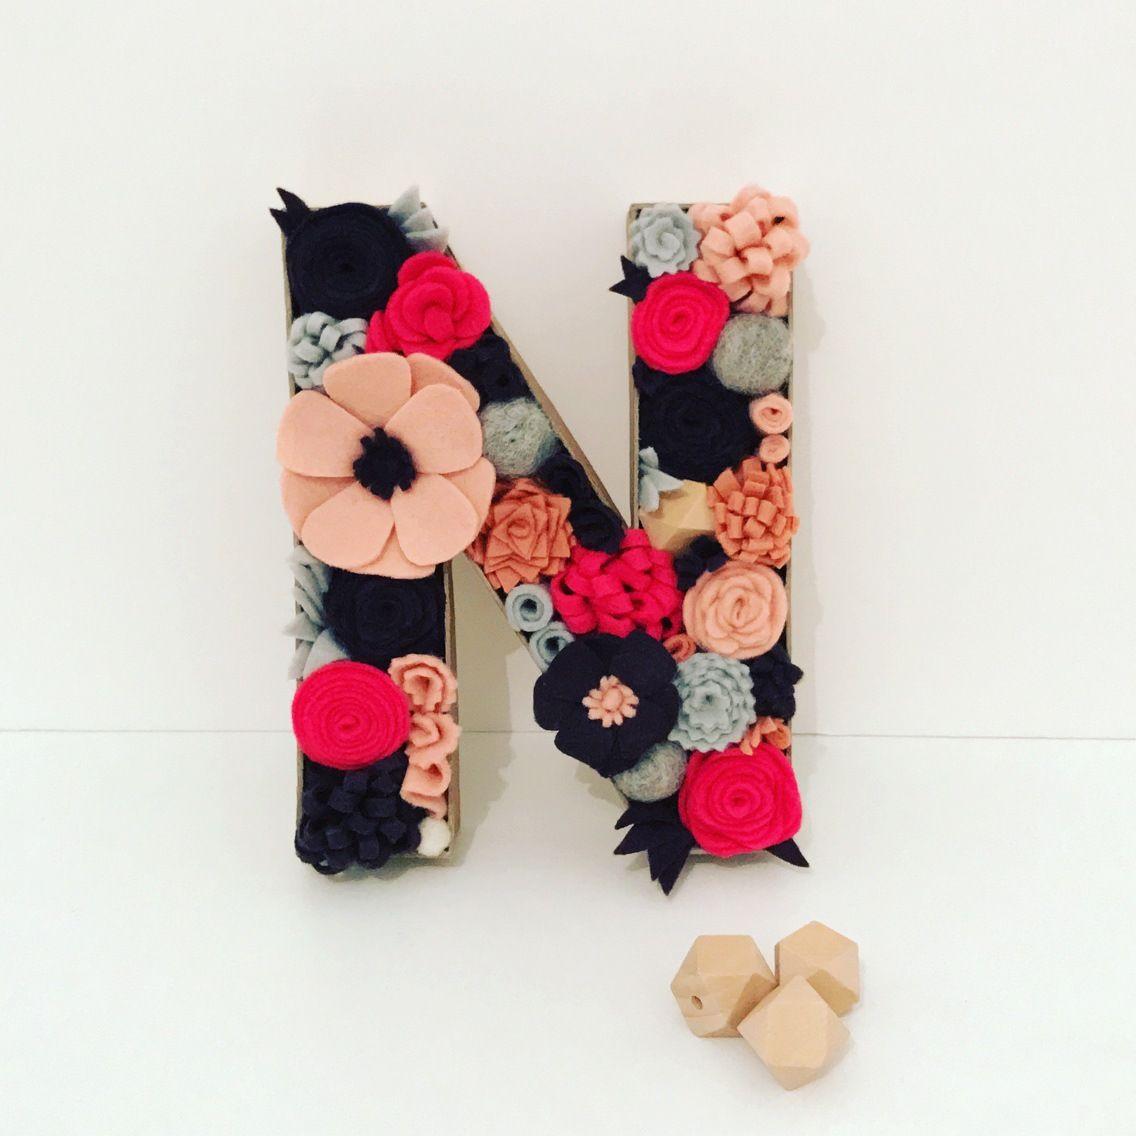 lettre initiale d cor e de fleurs en feutrine cr ation personnalisable cadeau prenom. Black Bedroom Furniture Sets. Home Design Ideas